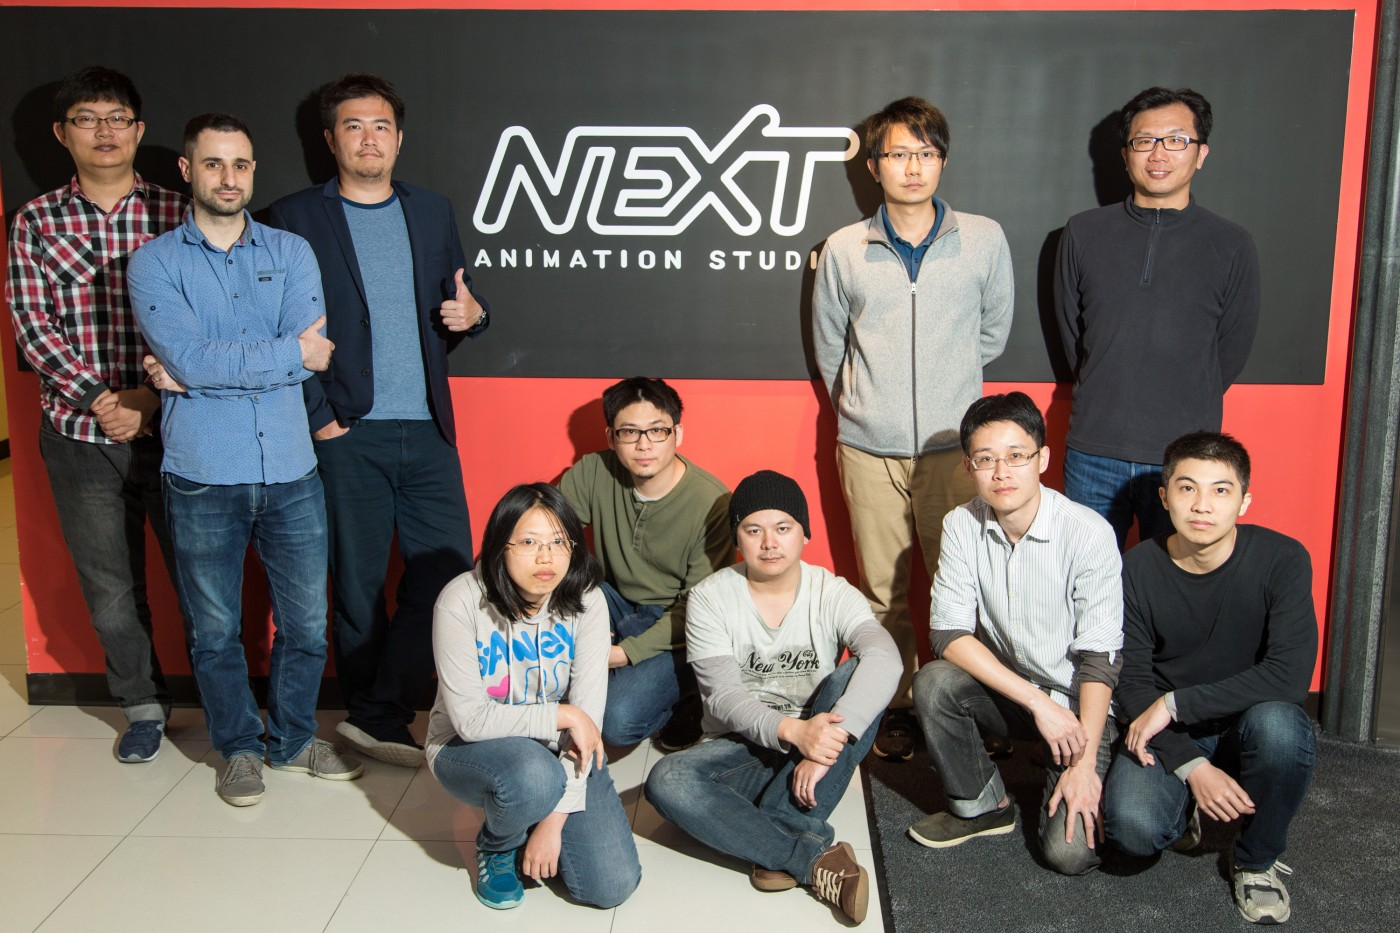 從蘋果動新聞到VR呈現幾米繪本場景——「NextLab」要當最有科技感的動畫實驗室! - 華安 - ceo.lin的博客